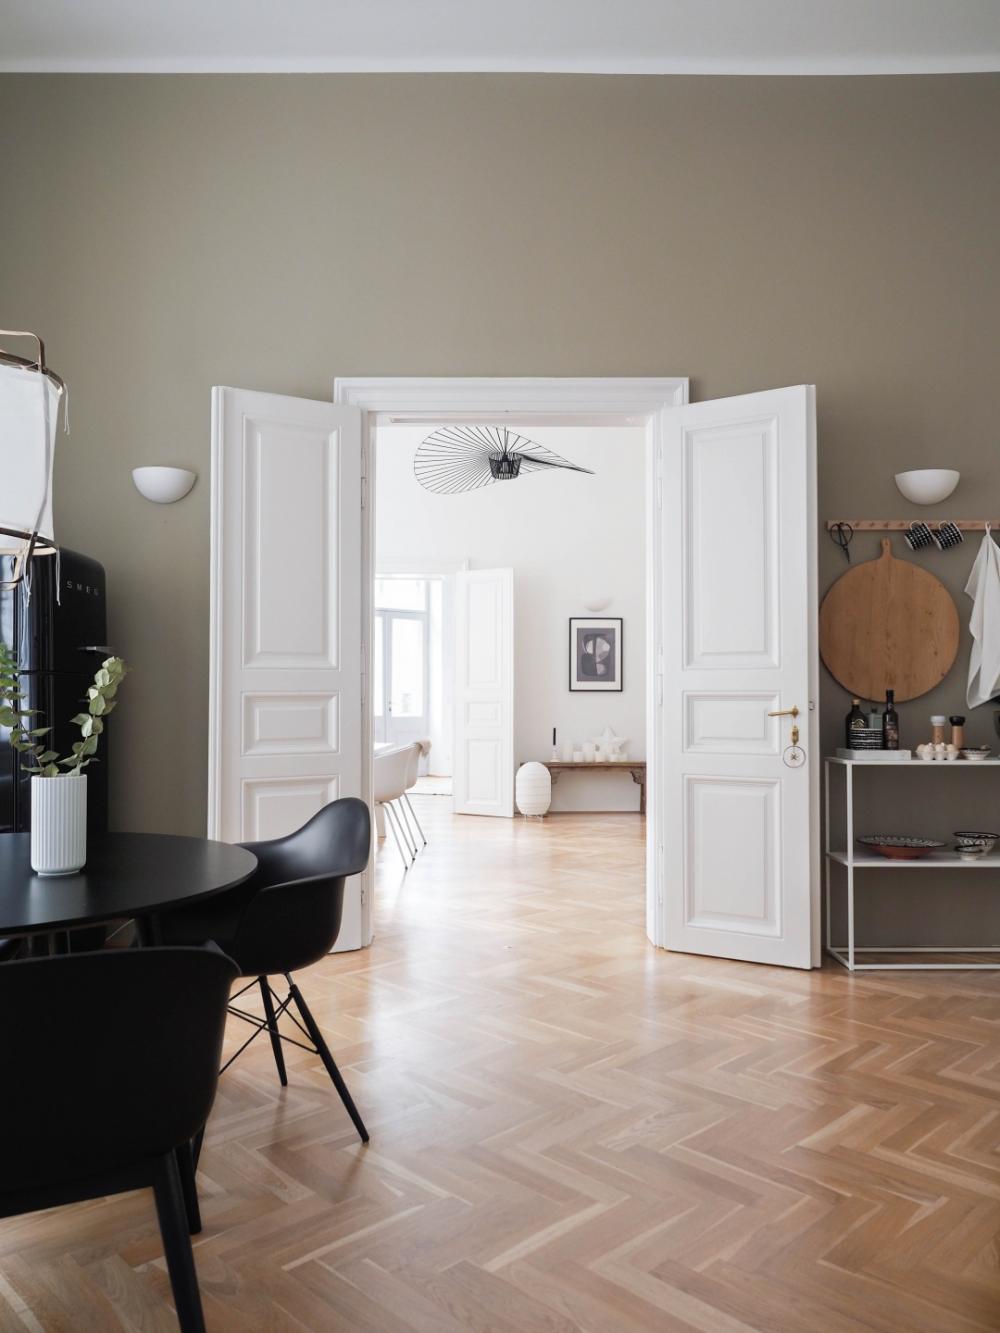 Farrow Ball Light Gray Interieur Woonkamer Huis Interieur Slaapkamer Muur Kleuren